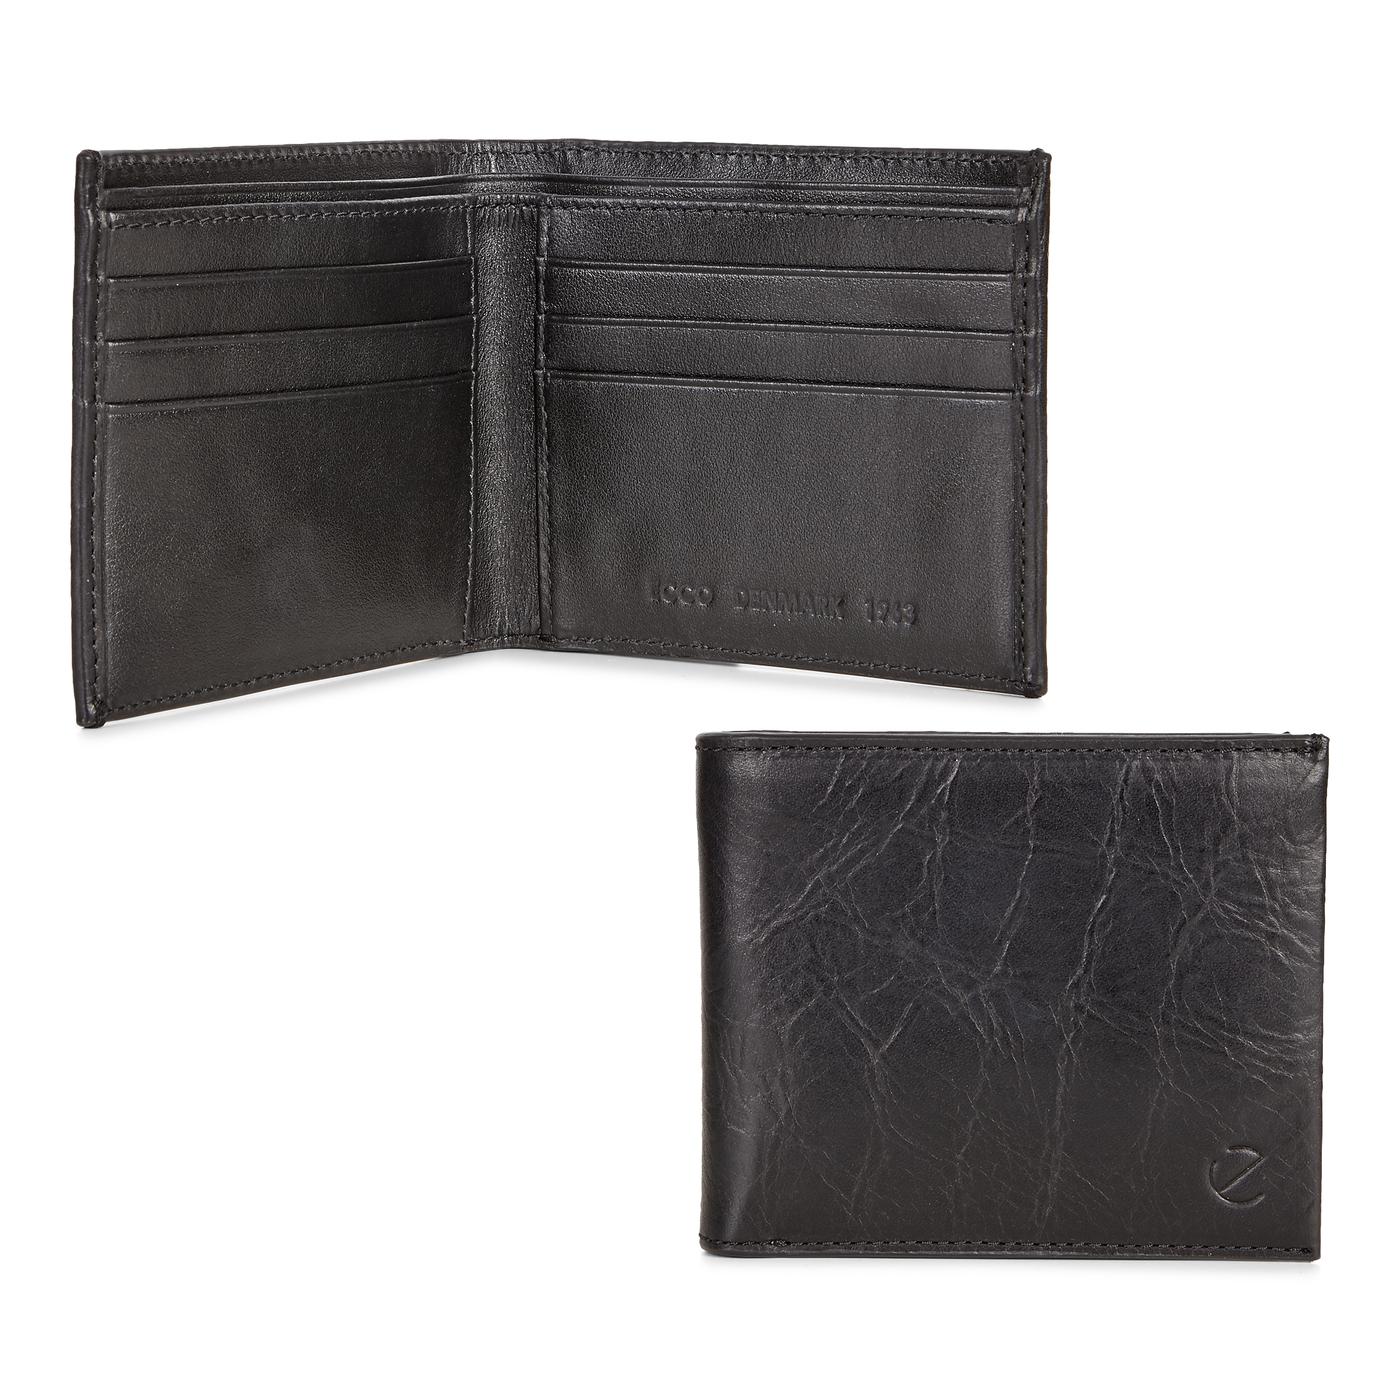 e11acc7e9cbb ECCO Men's Arne Billfold Wallet | ECCO® Shoes